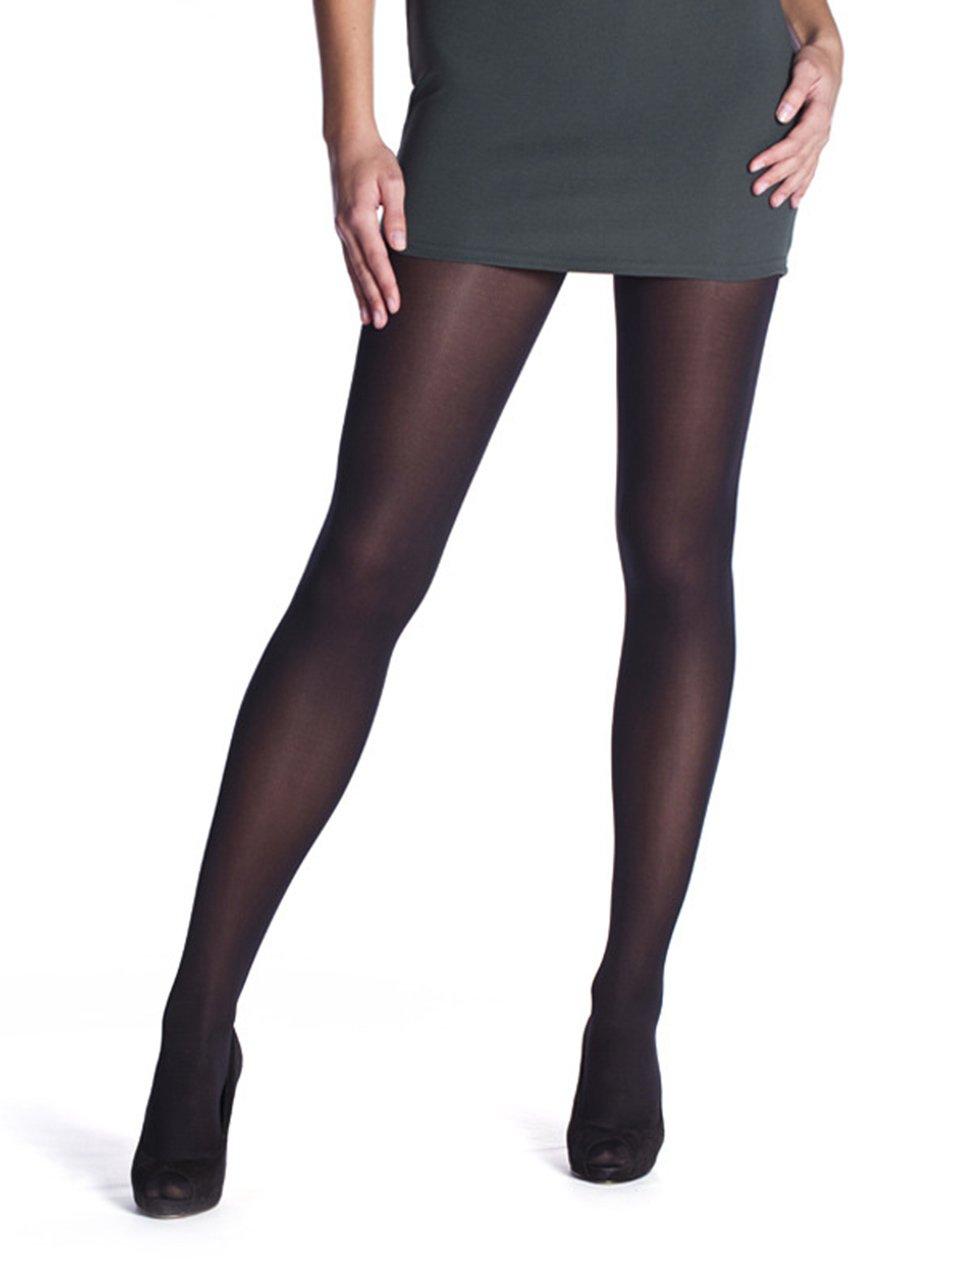 Sada dvou punčochových kalhot v černé barvě Bellinda Opaque 60 DEN